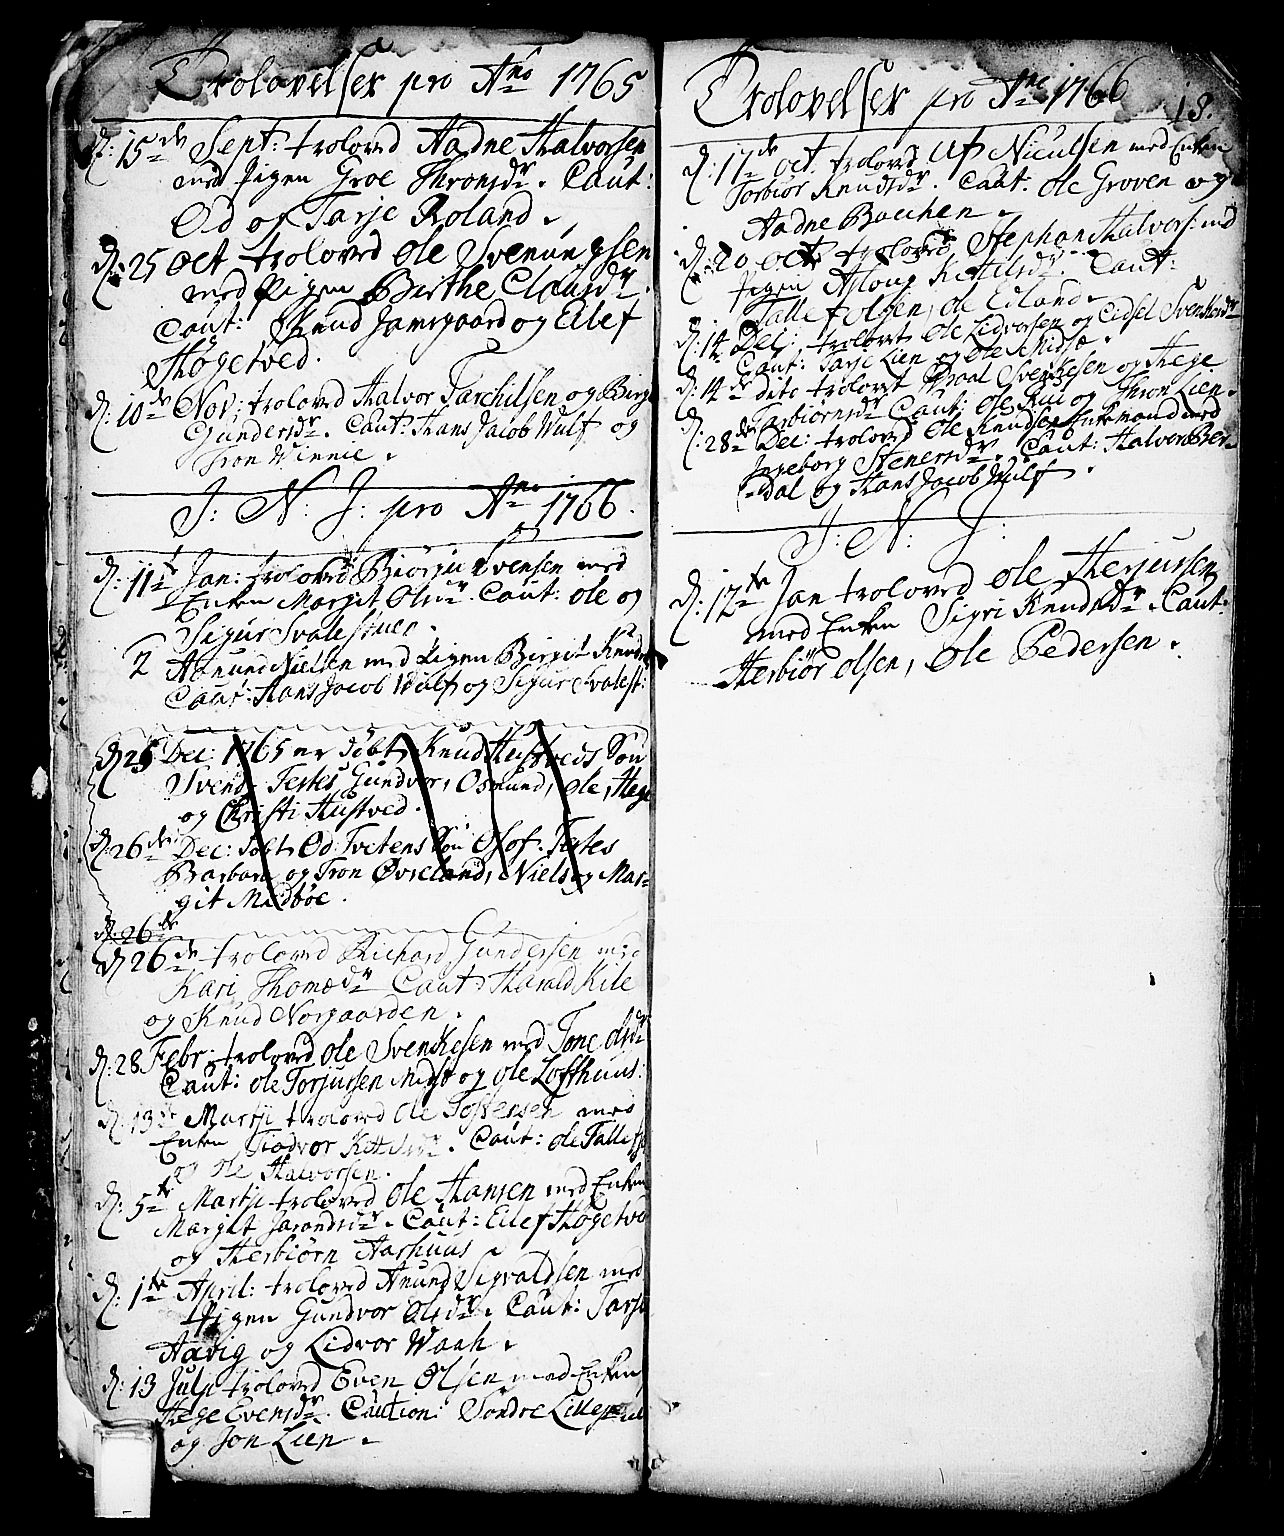 SAKO, Vinje kirkebøker, F/Fa/L0001: Ministerialbok nr. I 1, 1717-1766, s. 18